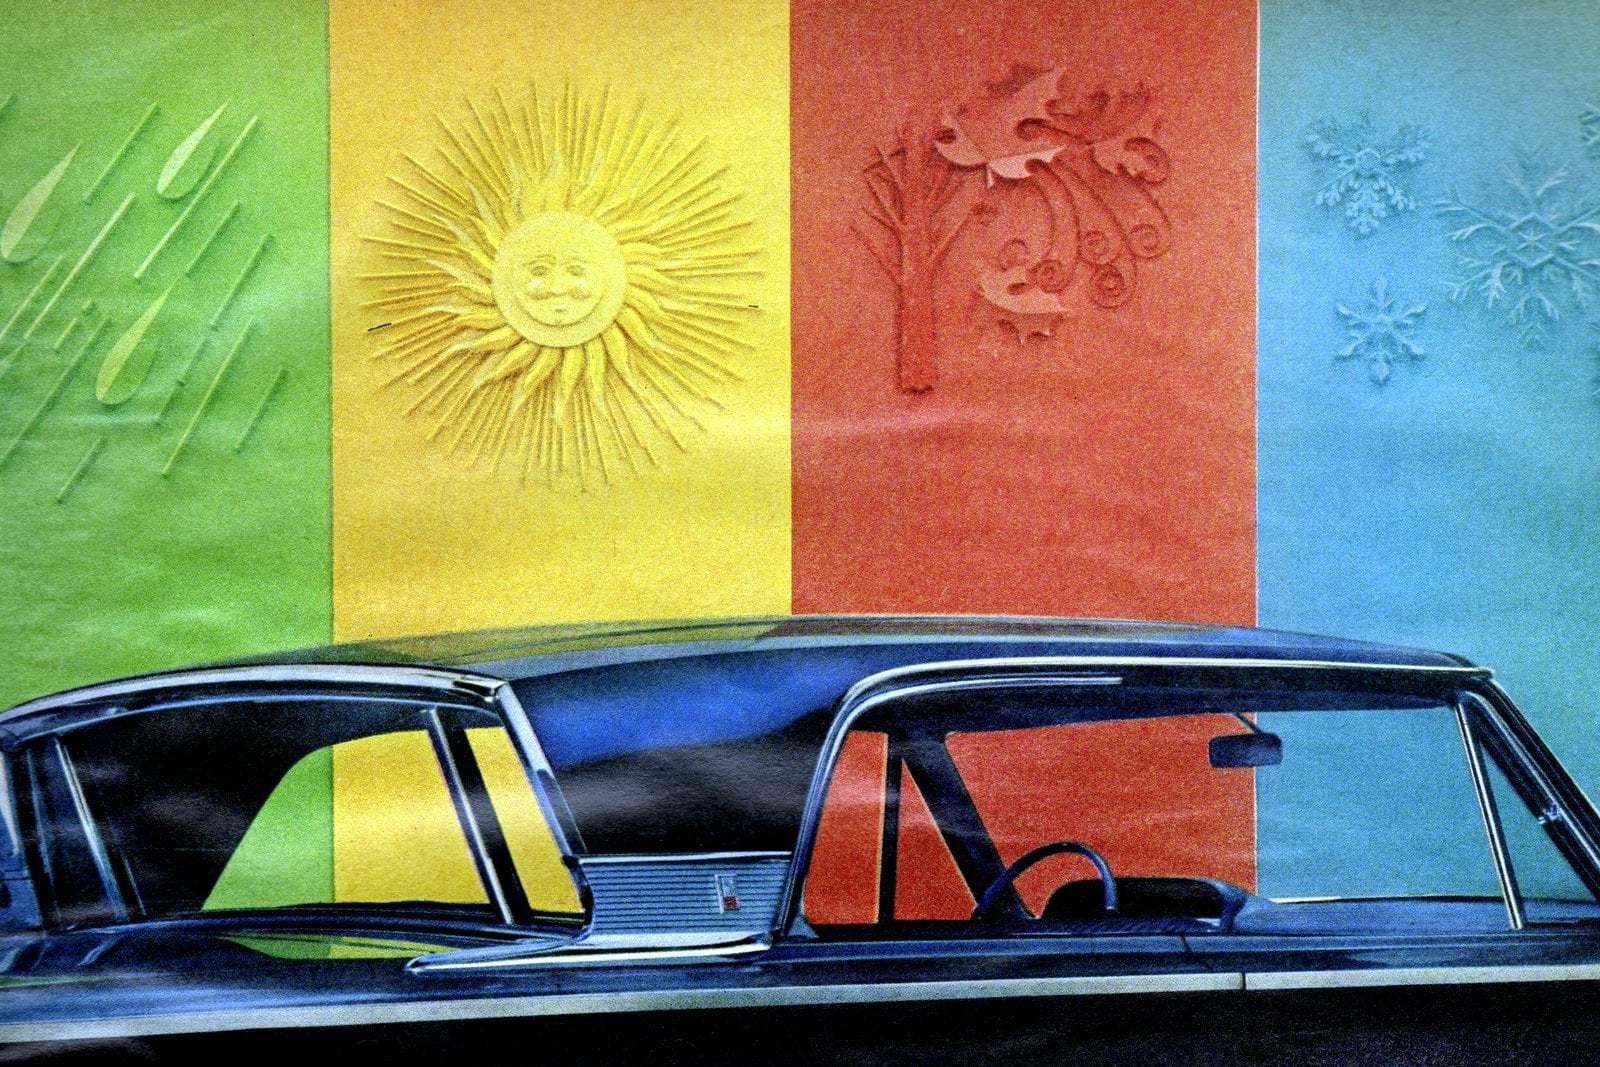 Classic 1963 Mercury Monterey car